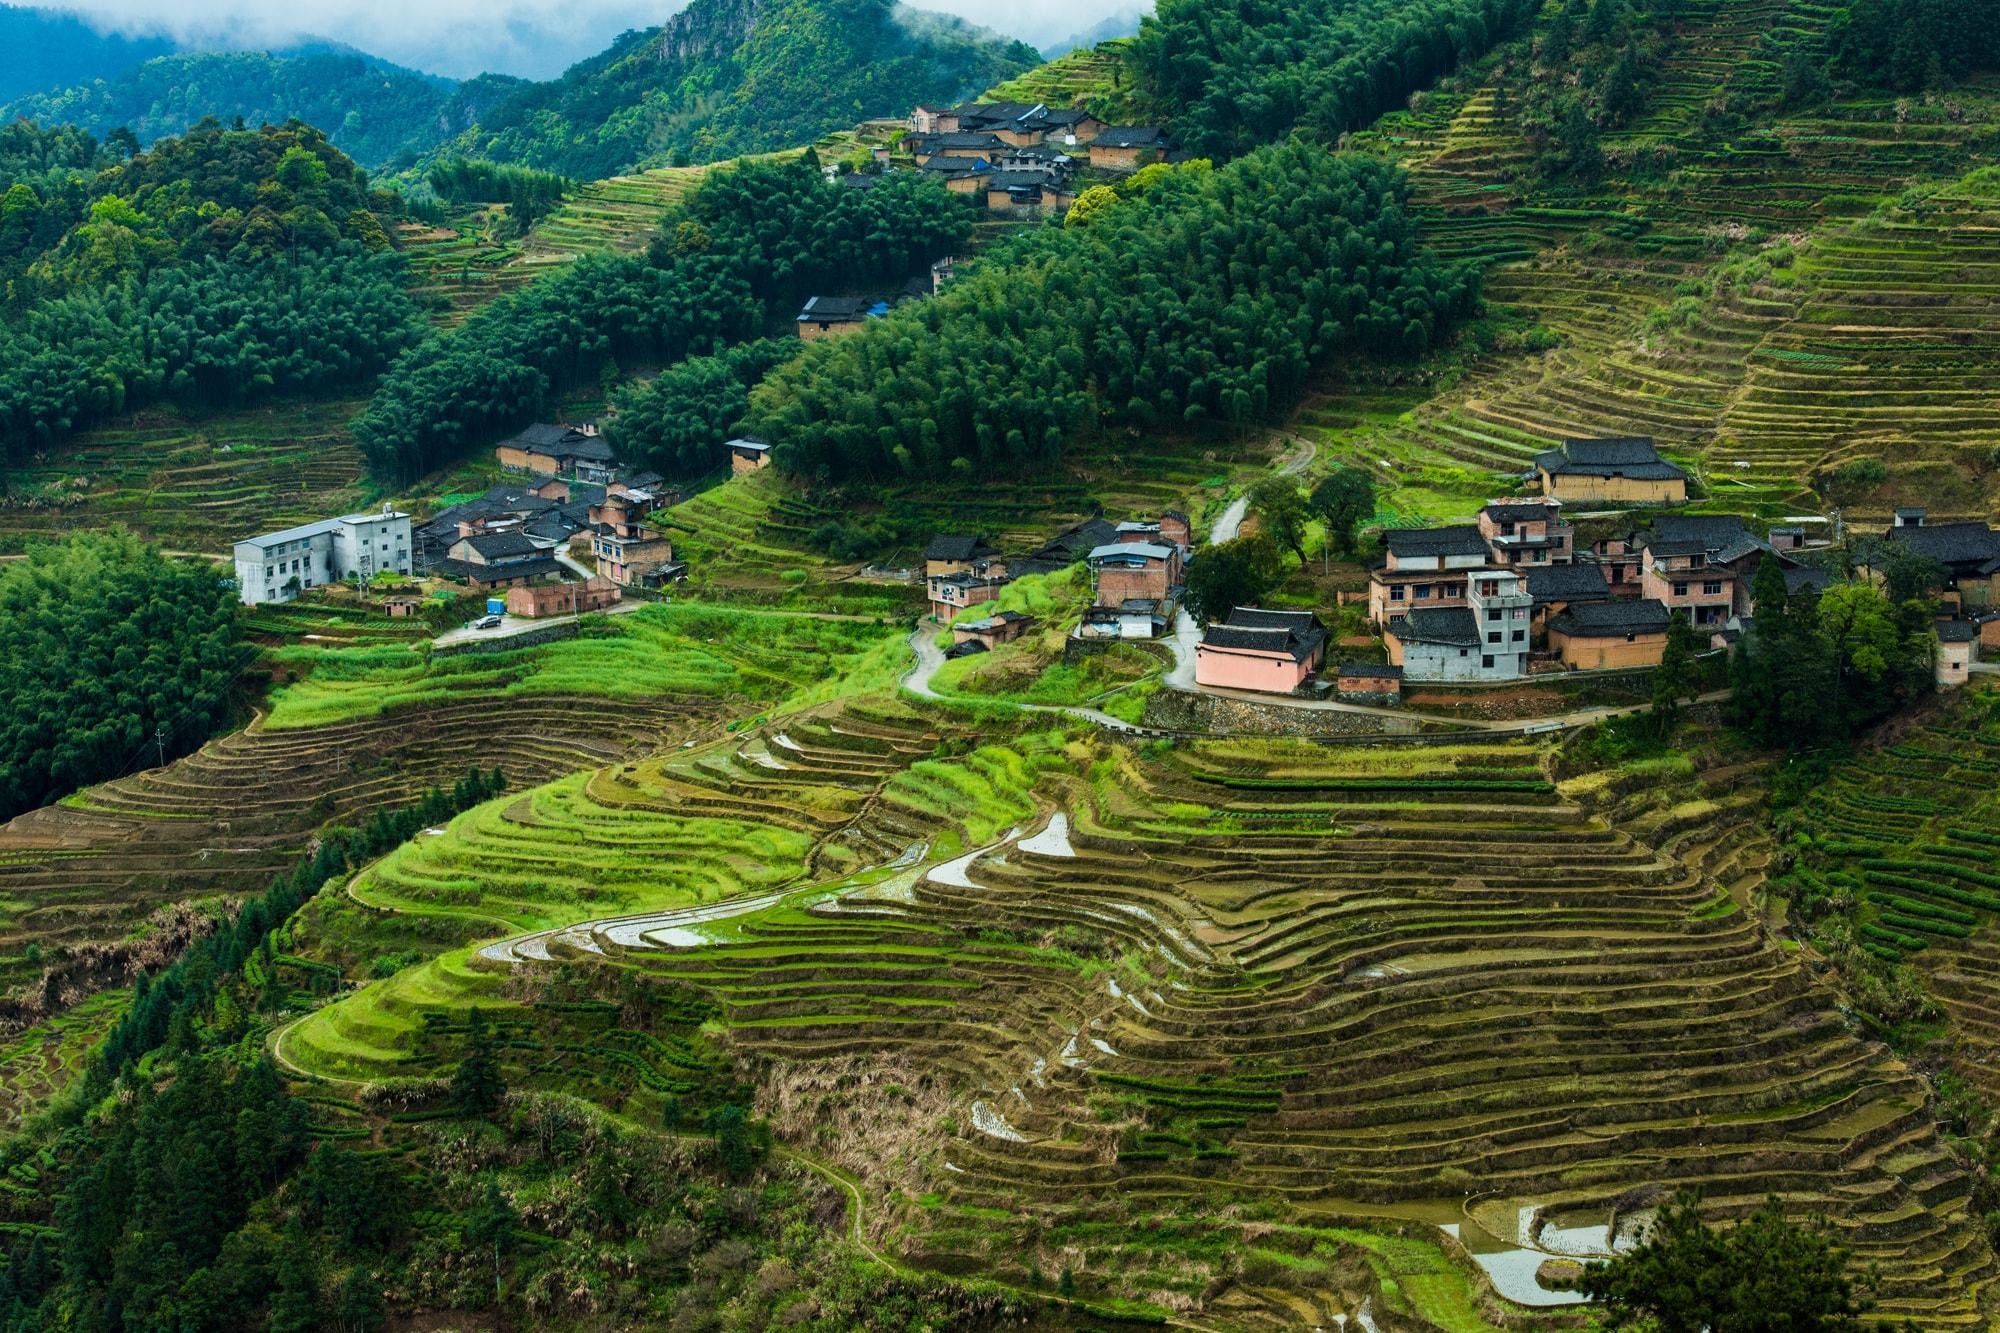 福建最美的梯田之一,藏在宁德福安白云山北侧,极为原生态未开发